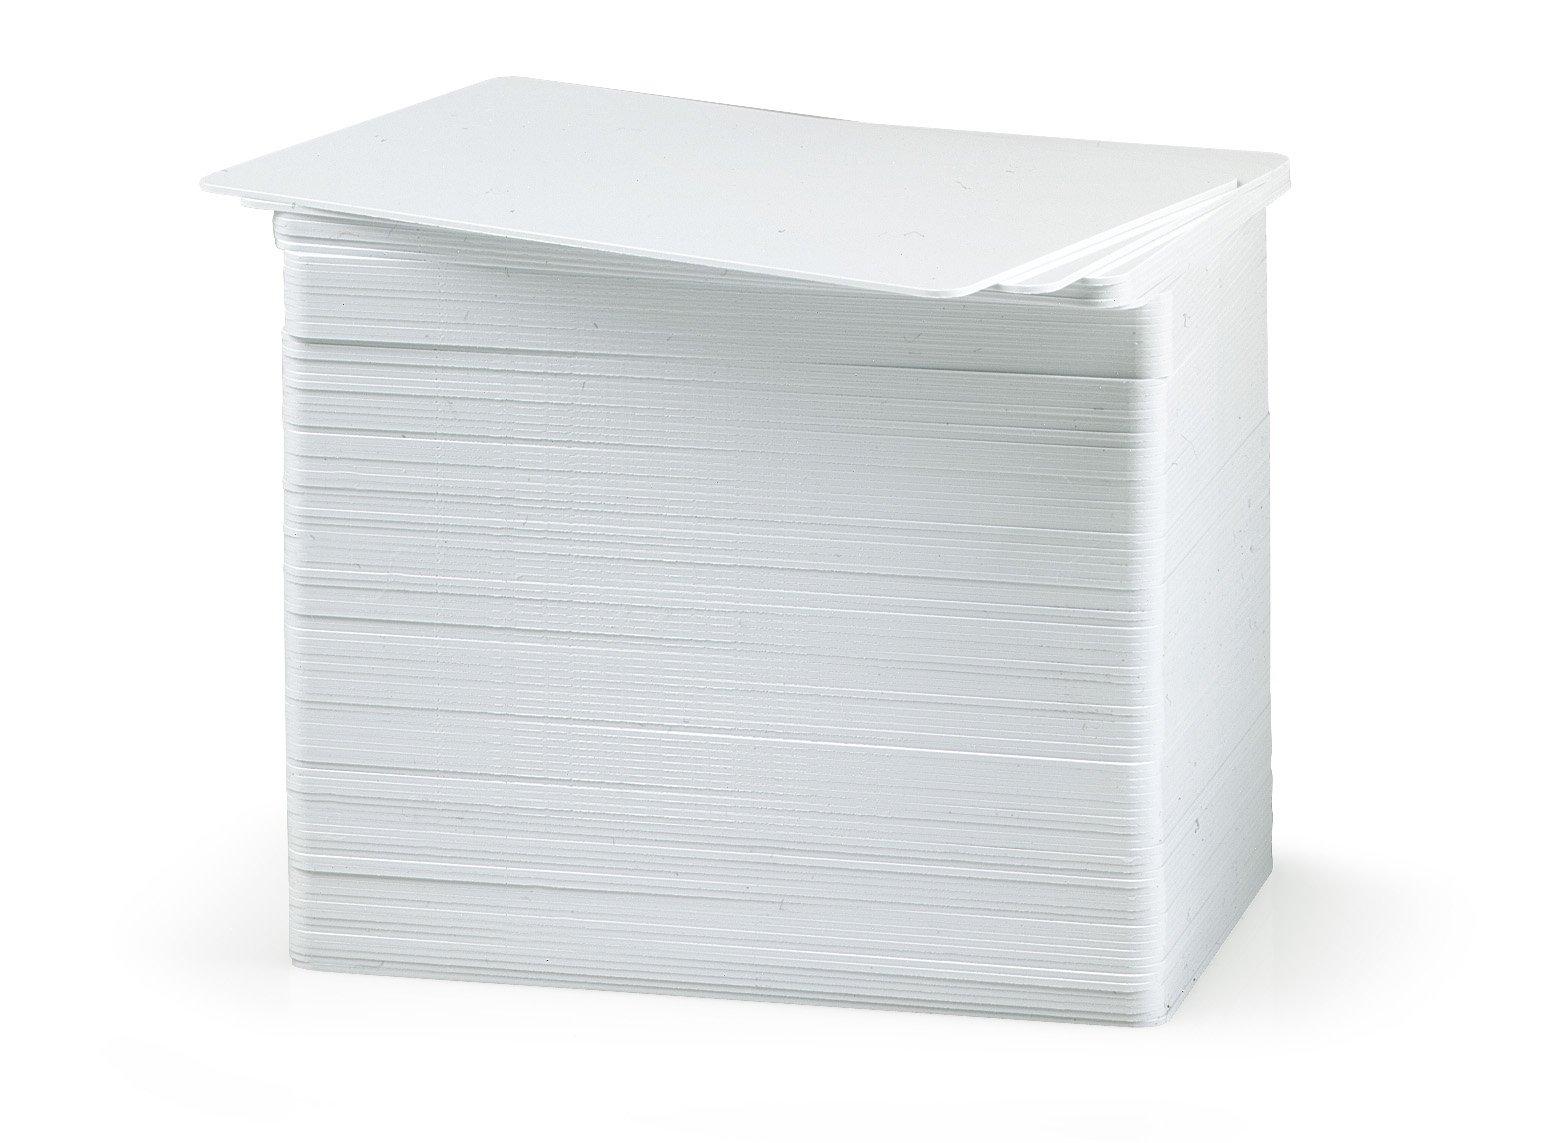 Karten, ZXP 1er Serie, ZXP 3er Serie, Zebra Premier PVC, weiß, 30 mil